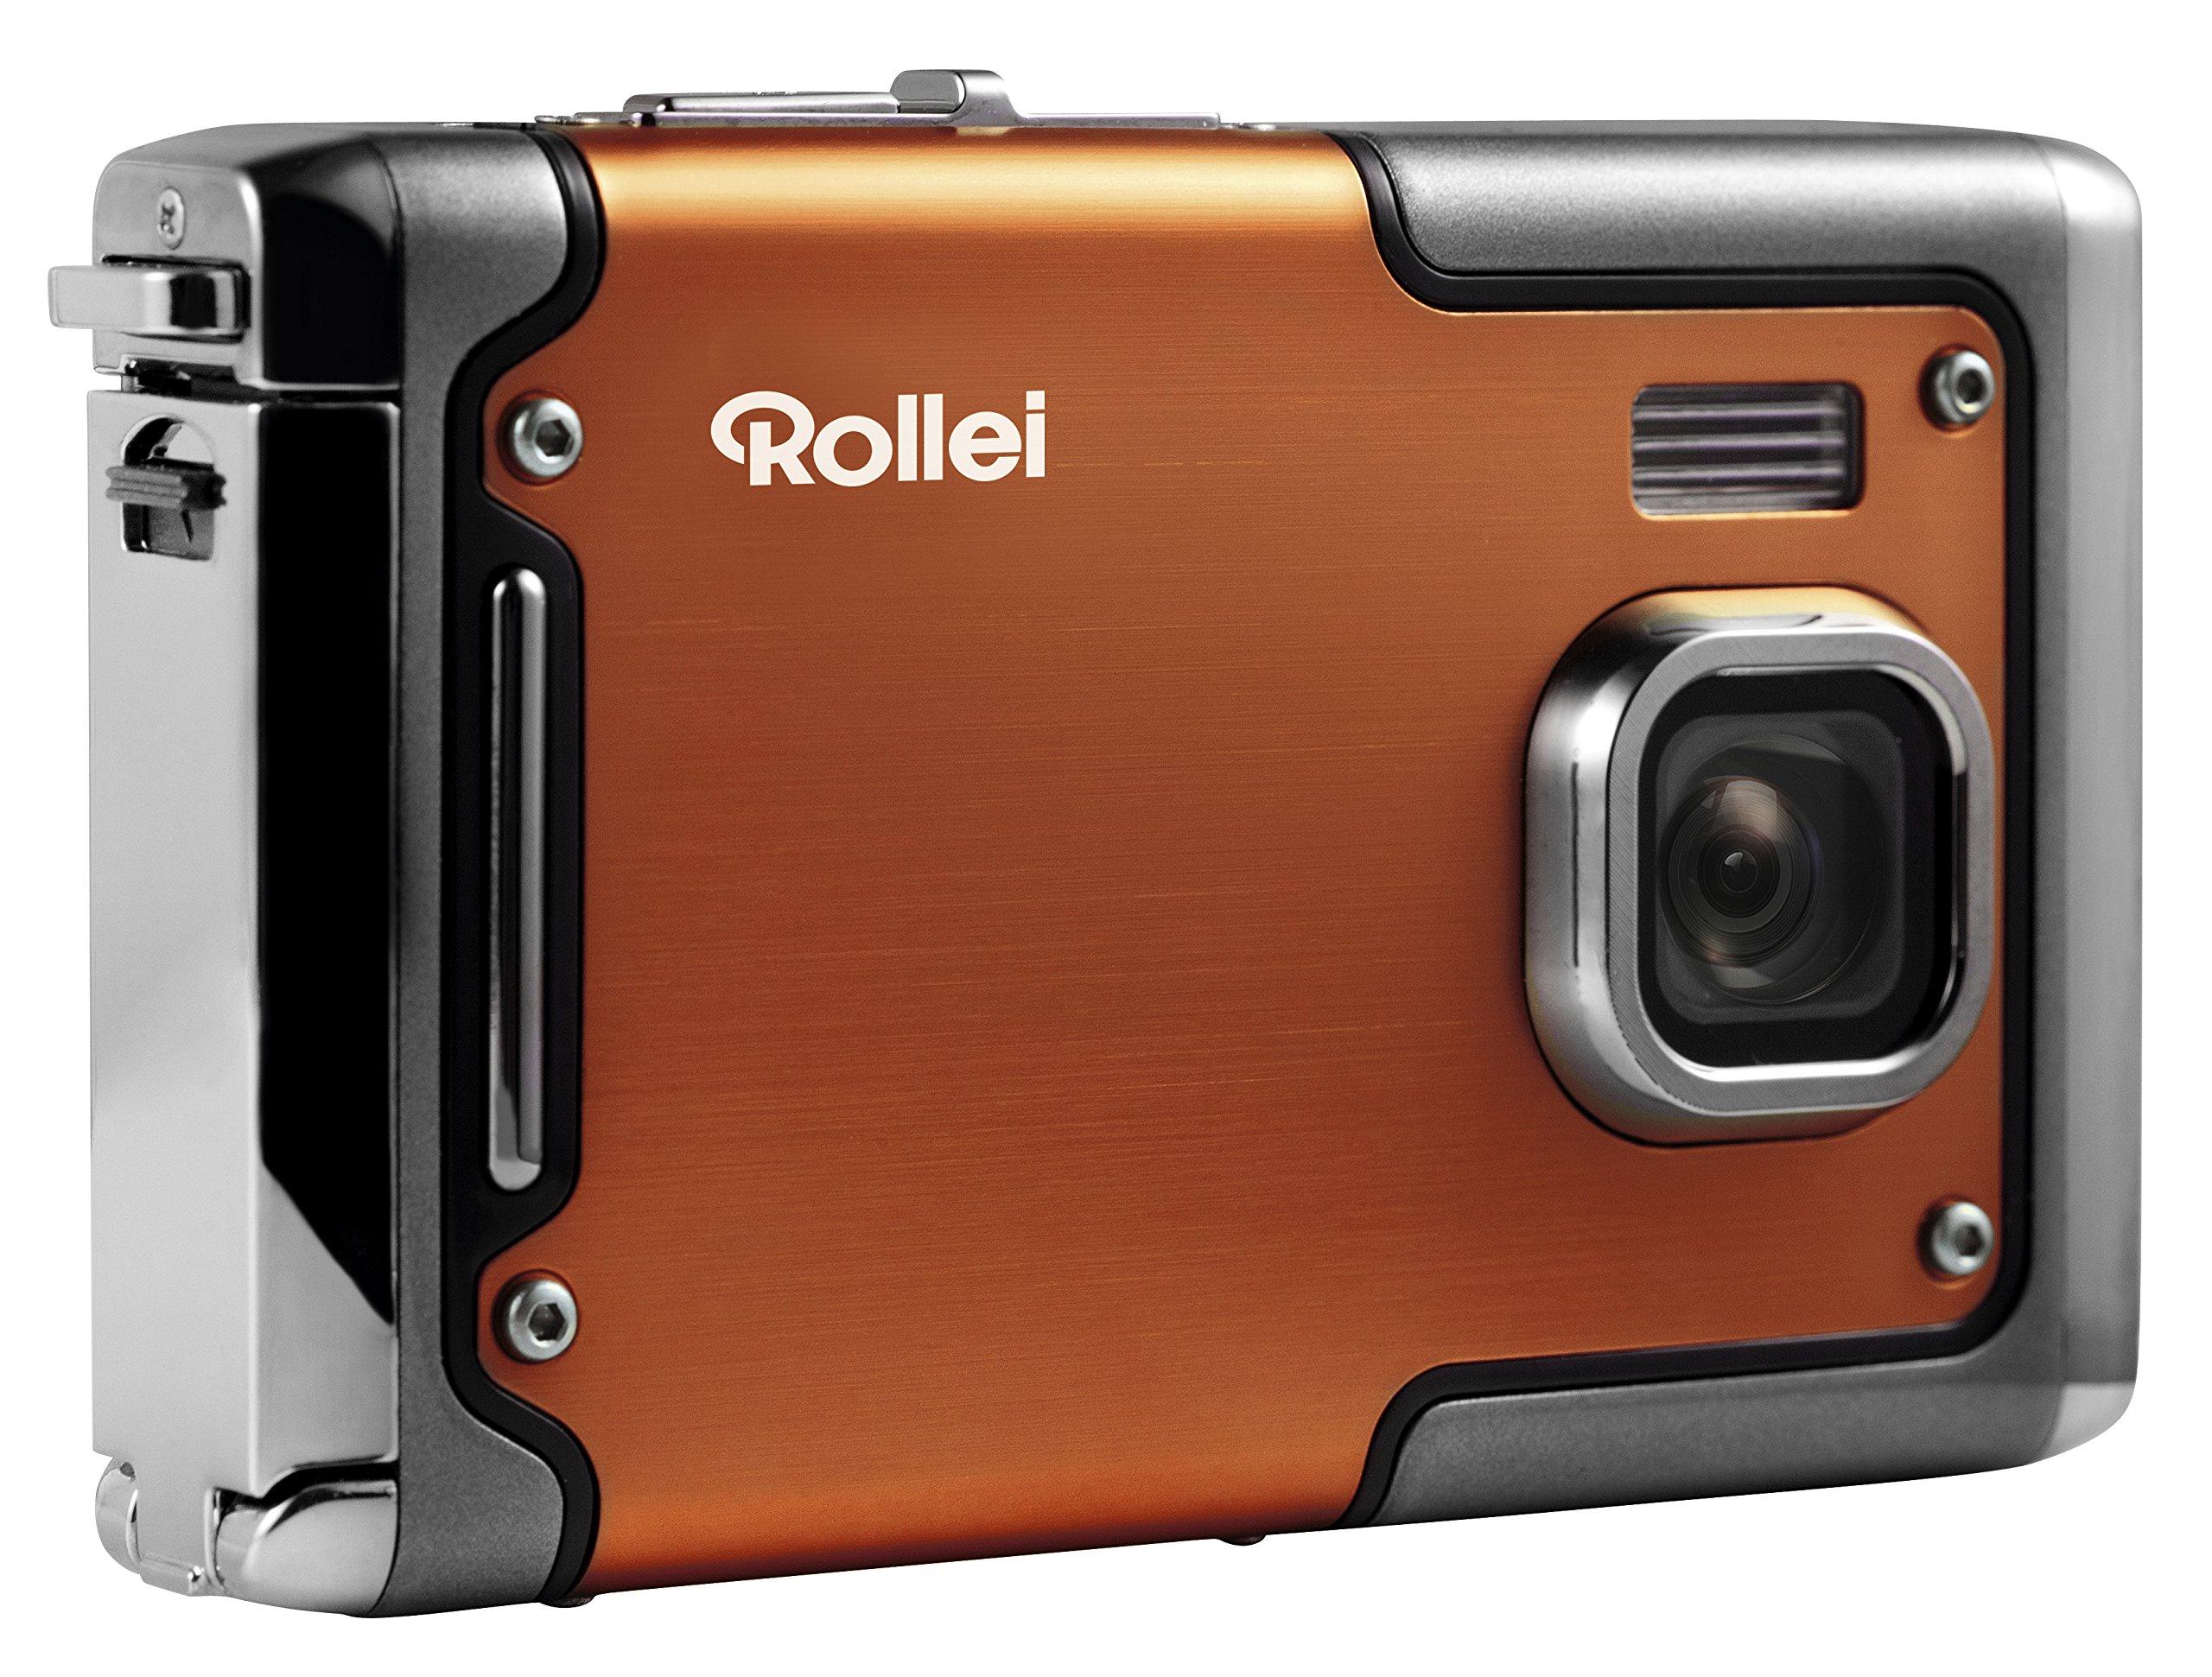 Rollei Sportsline 85 - Digital Camera - 8 Megapixels, 1080p Full HD Video Resolution, Waterproof up to 3 meters - Orange